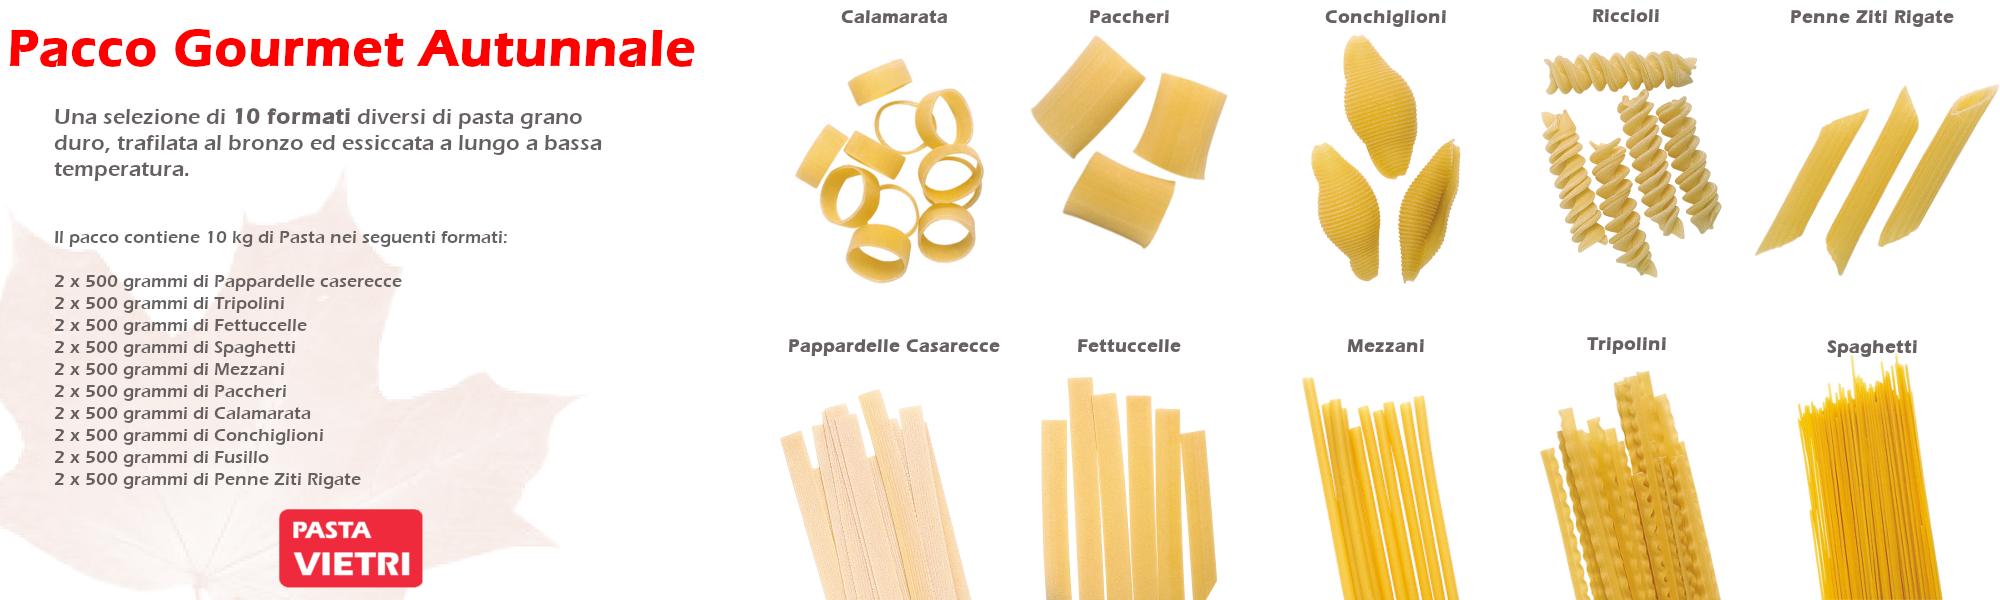 La nostra selezione di formati per assaporare assieme il gusto dell'autunno!